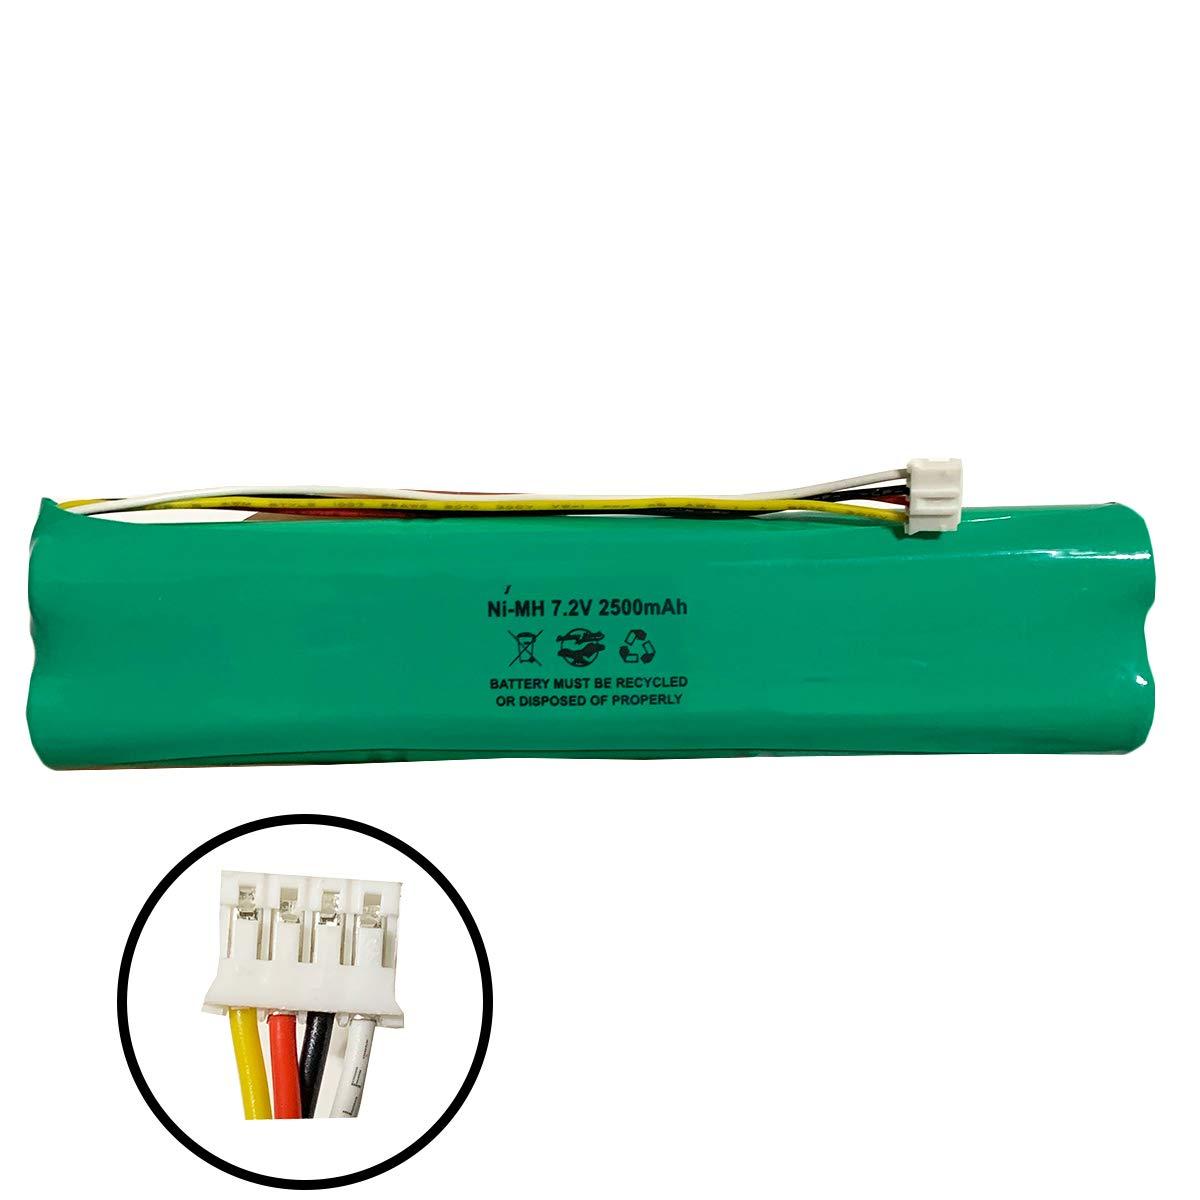 BP1735 Fluke Battery BP-1735 Biomedical Varta 6/VH2700 ANIC1822 Batteryhawk, LLC by Batteryhawk, LLC